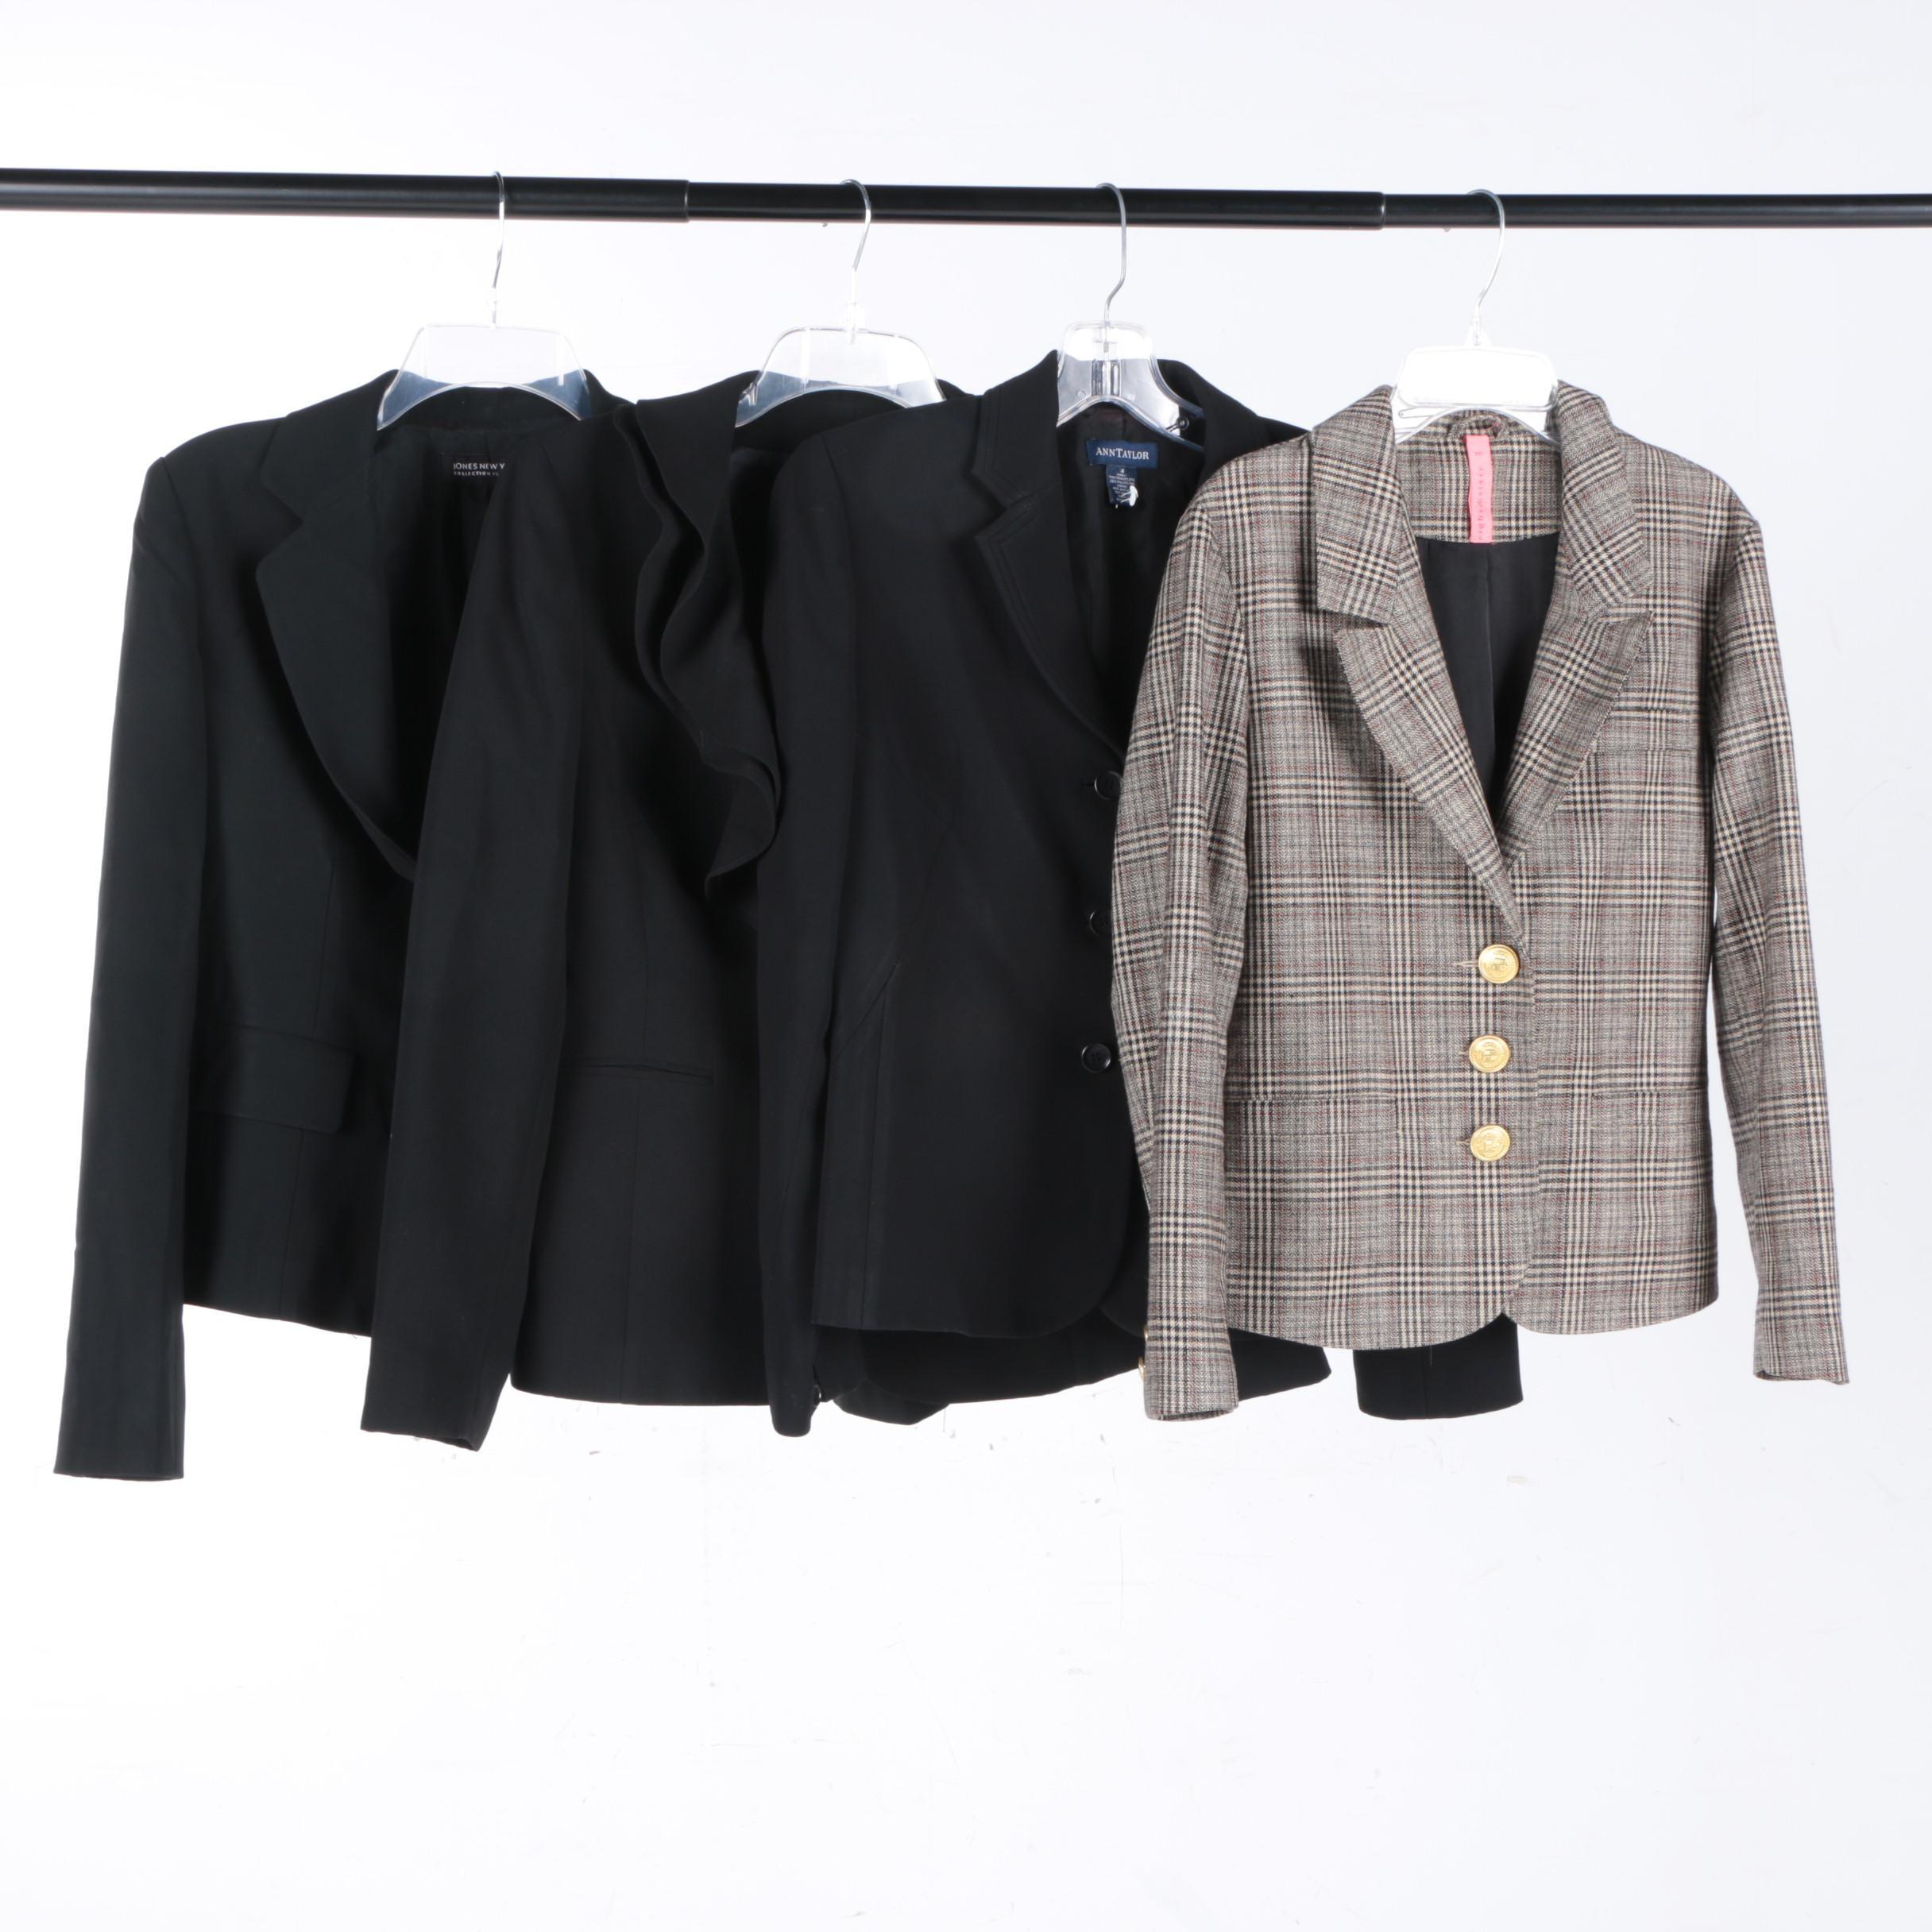 Women's Suit Jackets Including Jones New York